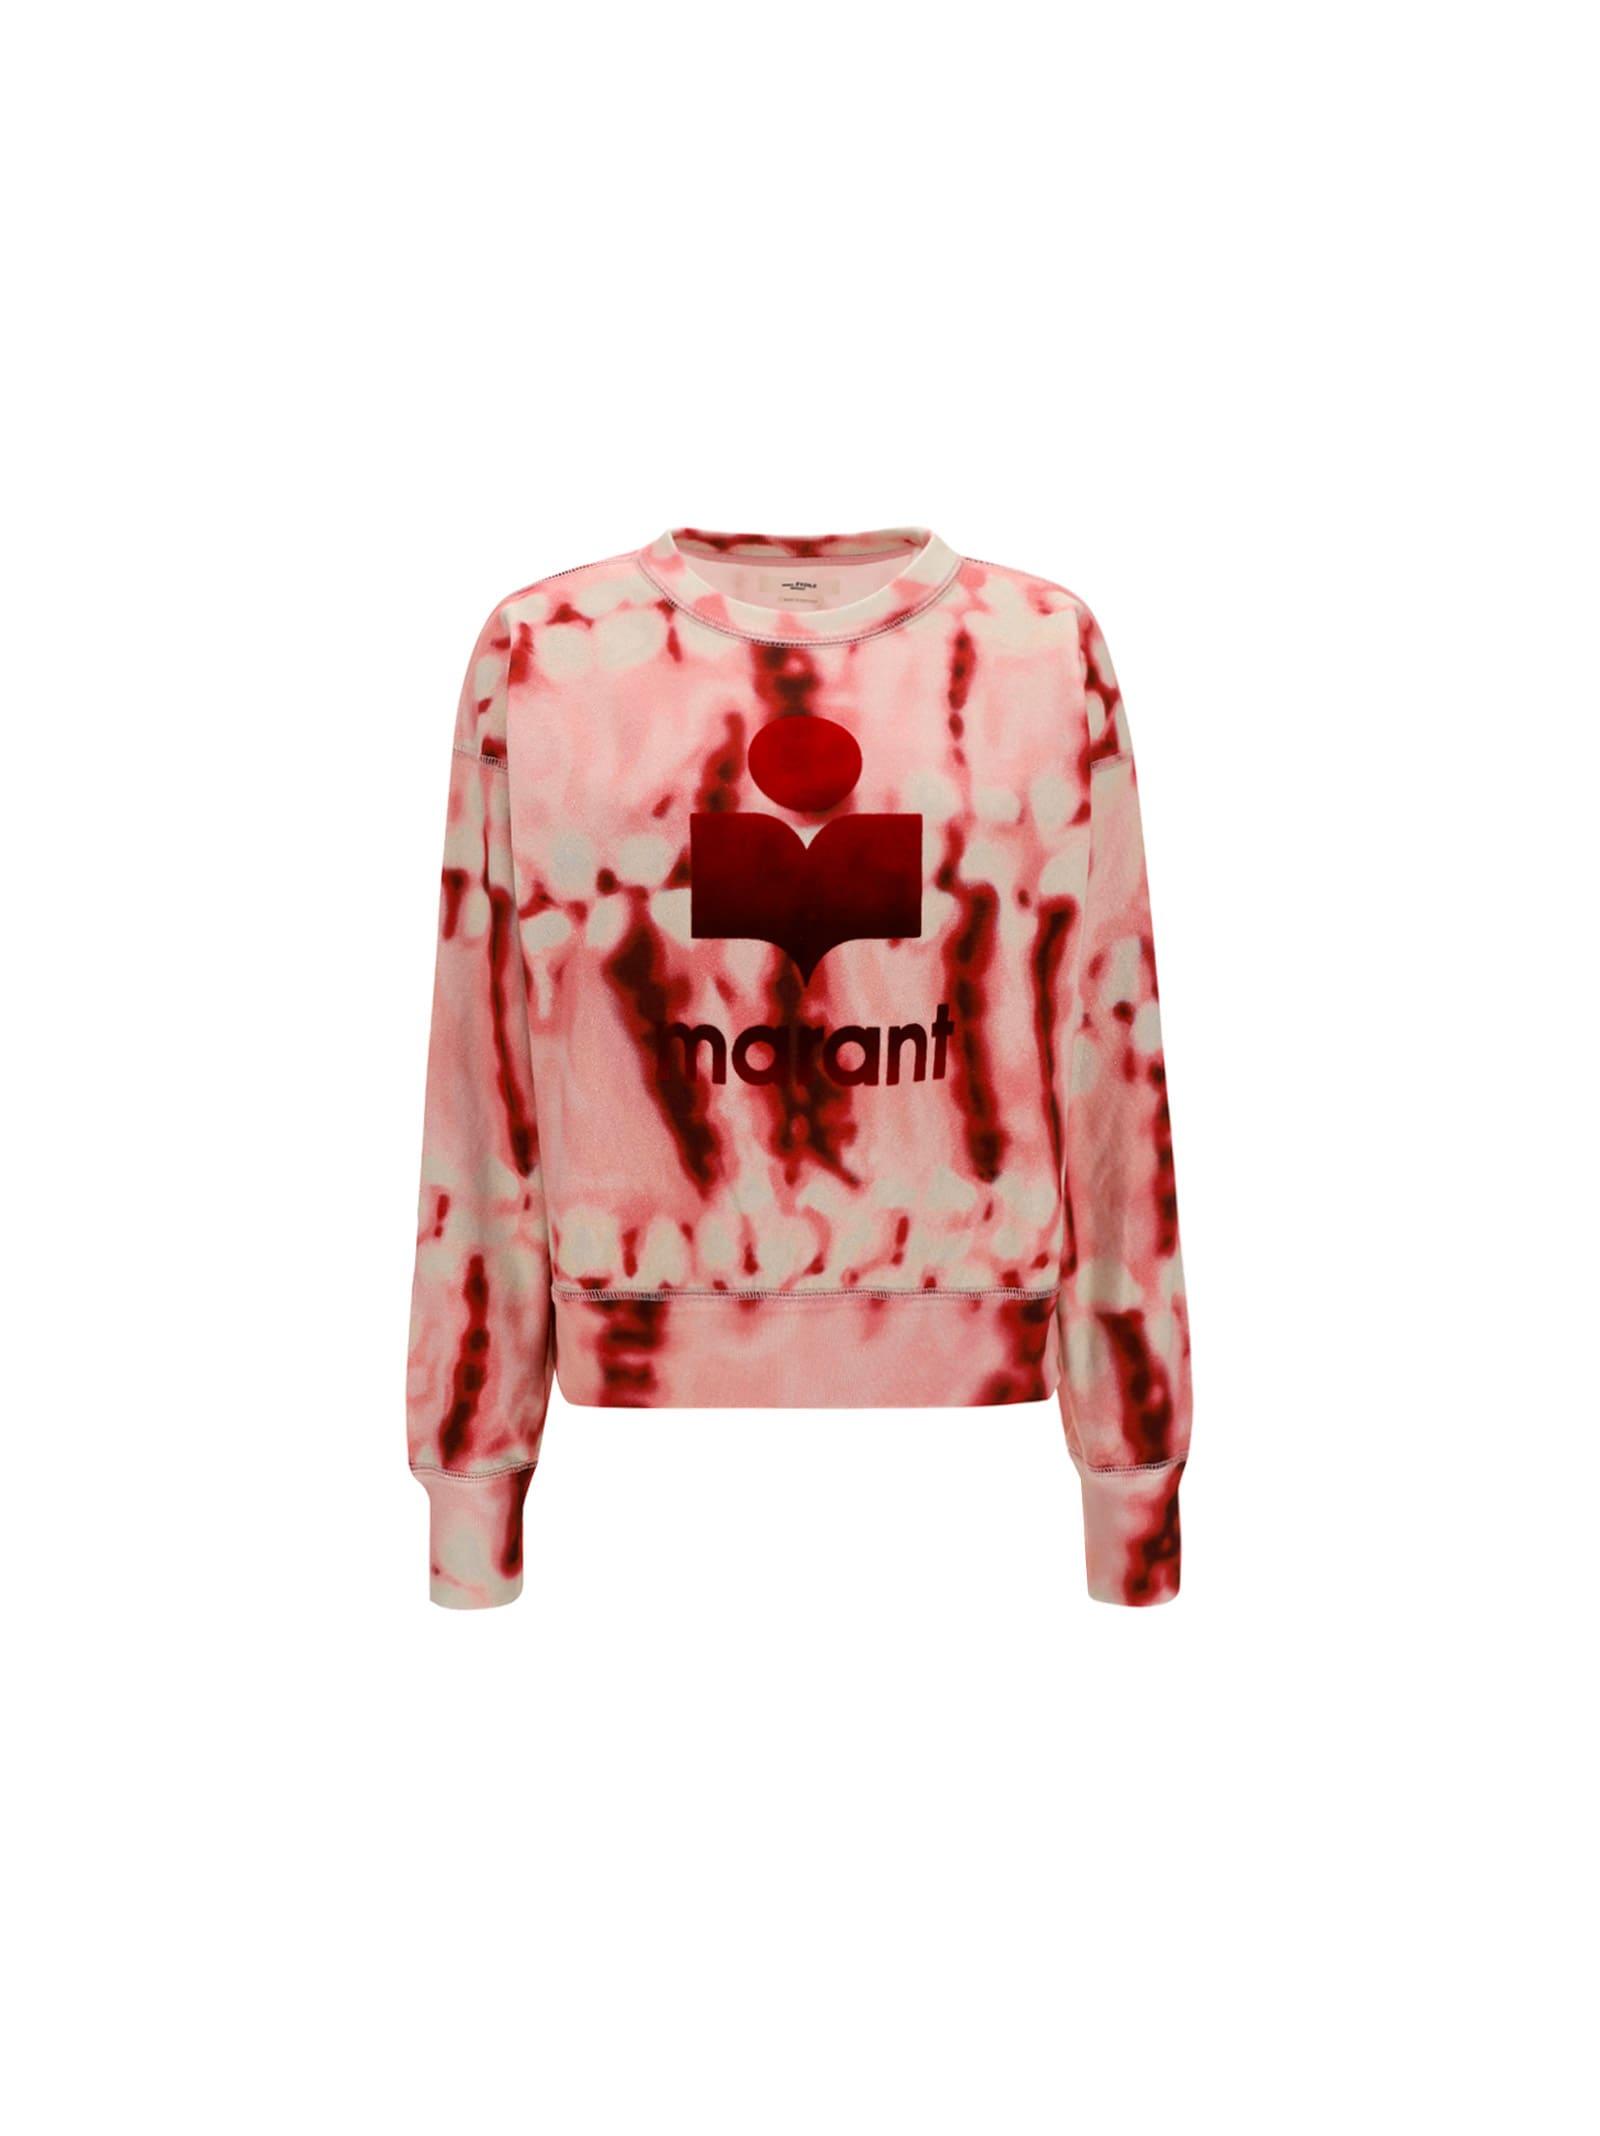 Isabel Marant Sweatshirts SWEATSHIRT